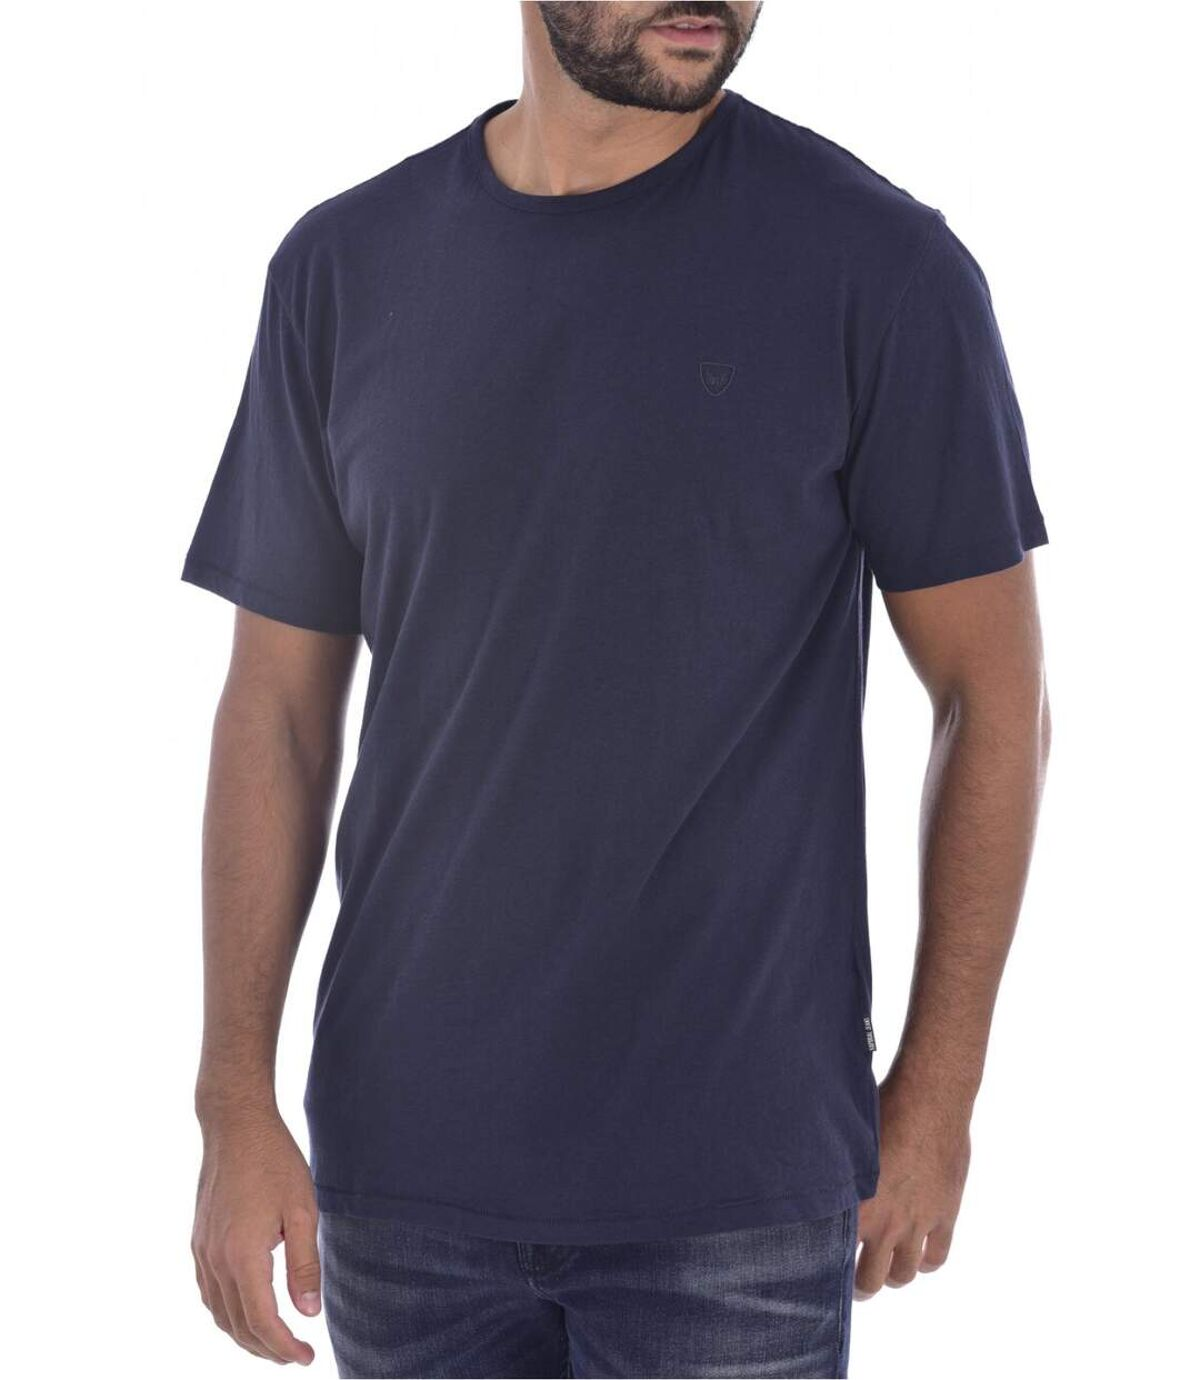 Tee shirt uni en coton   -  Kaporal - Homme